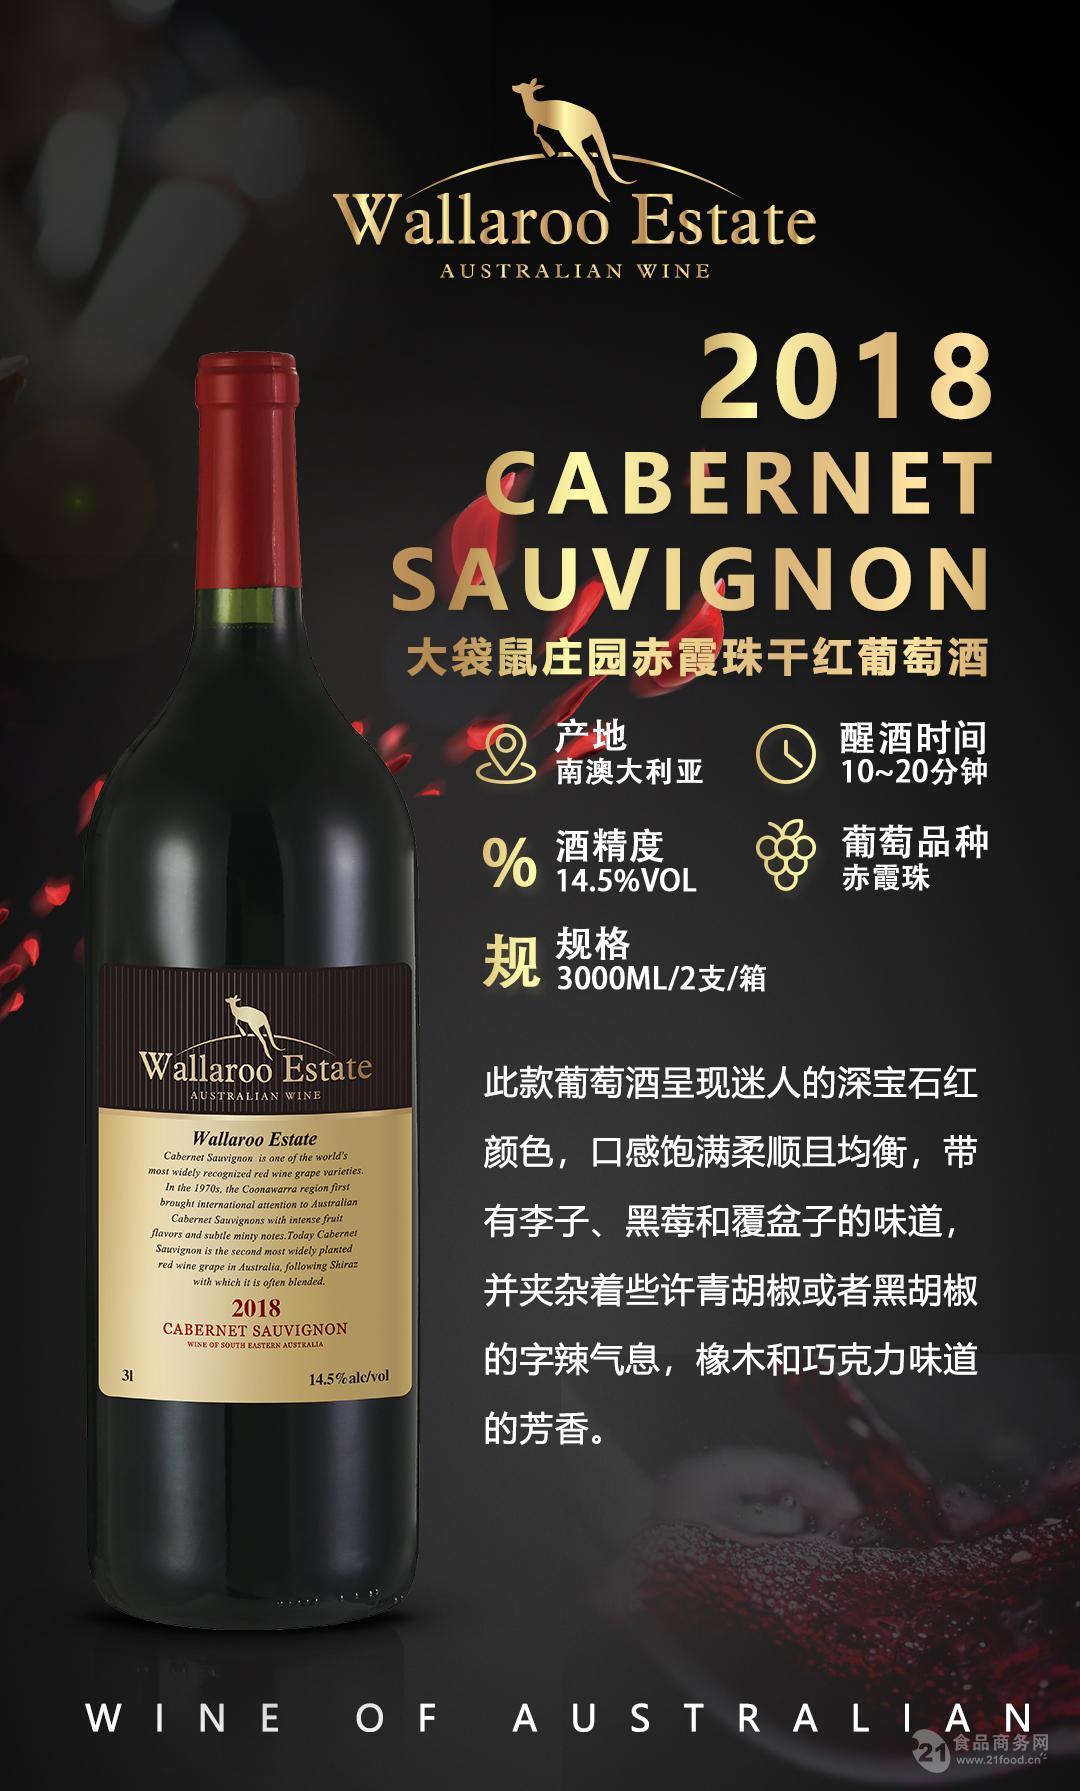 澳大利亚大袋鼠庄园赤霞珠干红葡萄酒3升